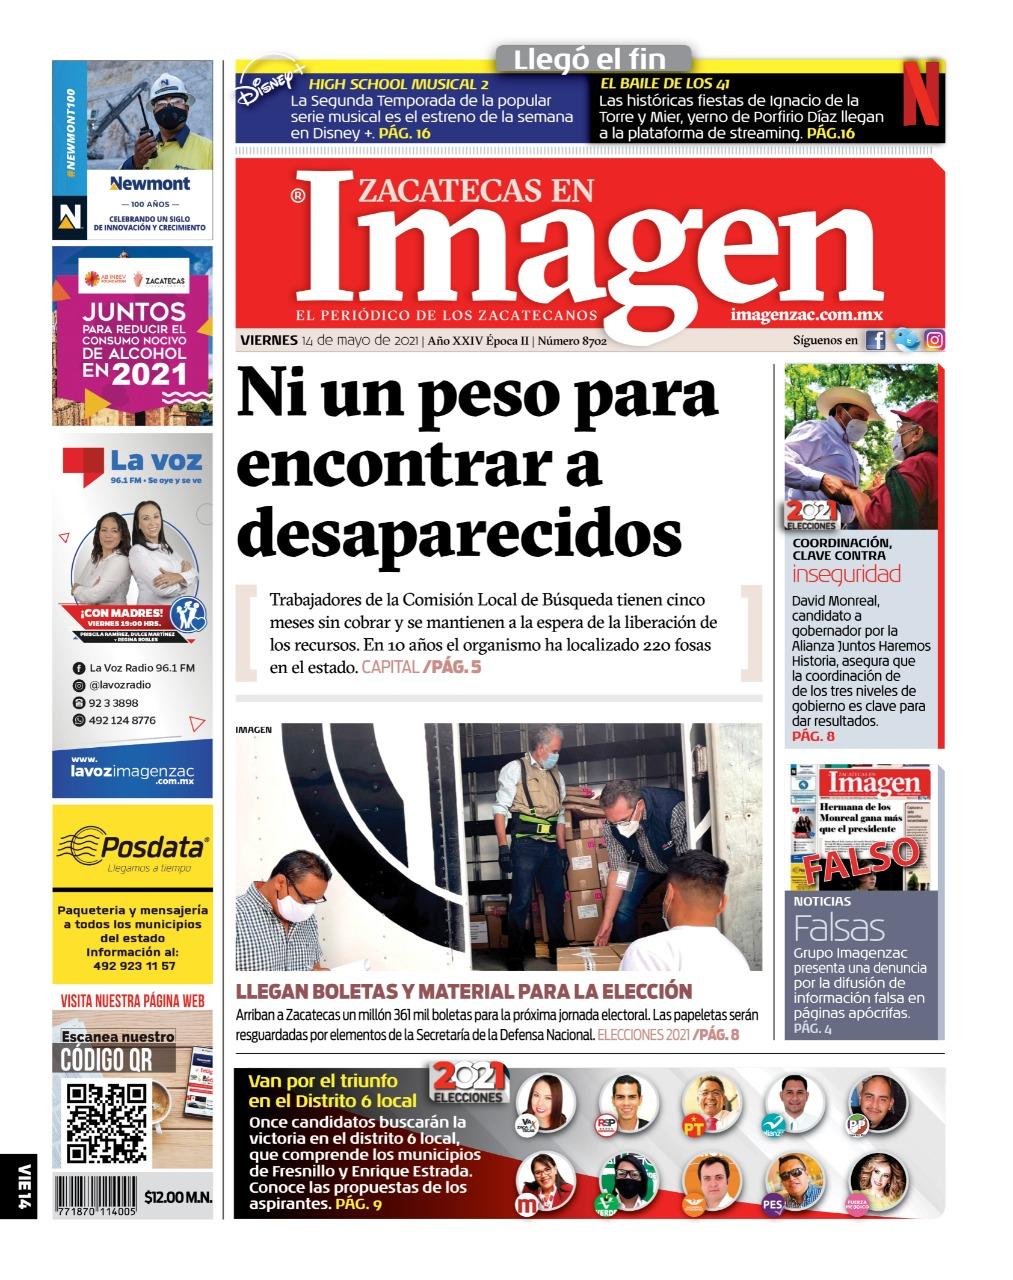 Imagen Zacatecas edición del 14 de mayo del 2021